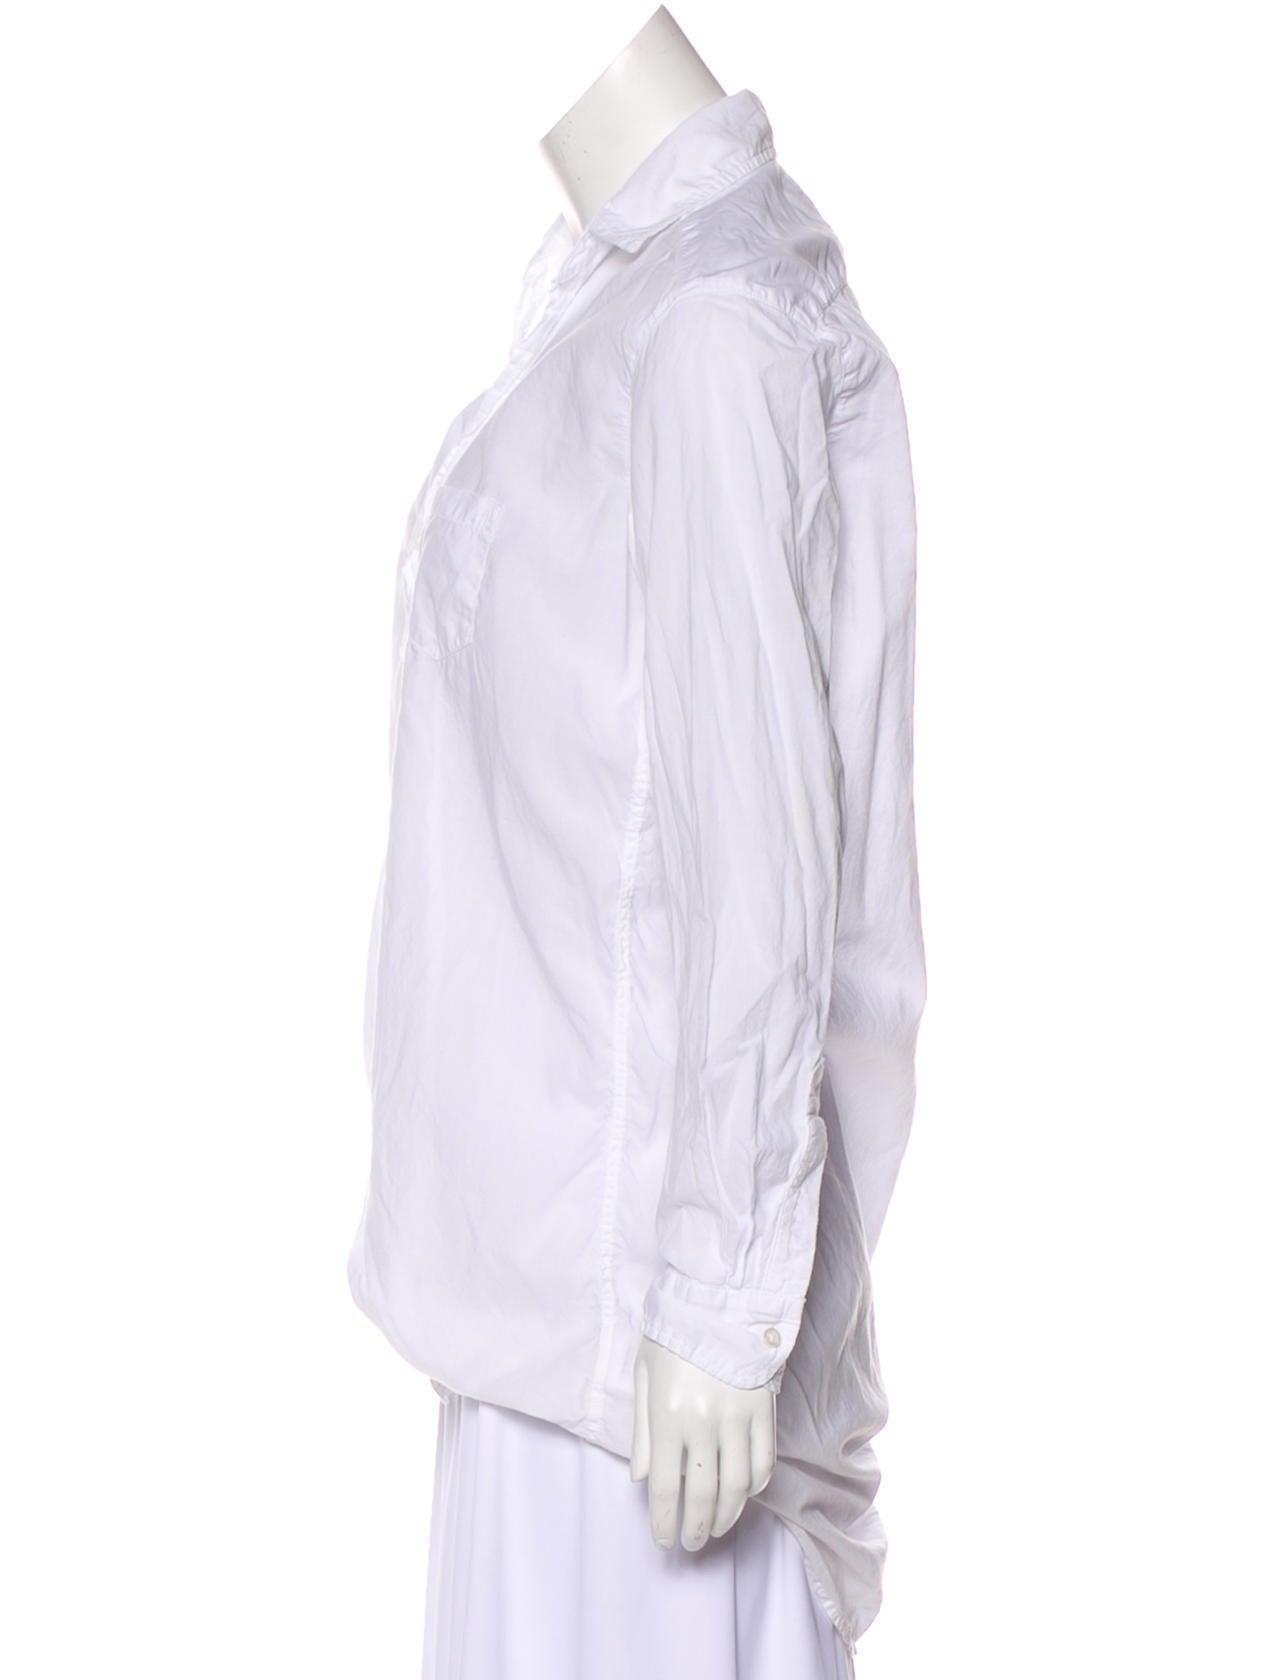 Frank Eileen Long Sleeve Button Up Shirtdress Clothing